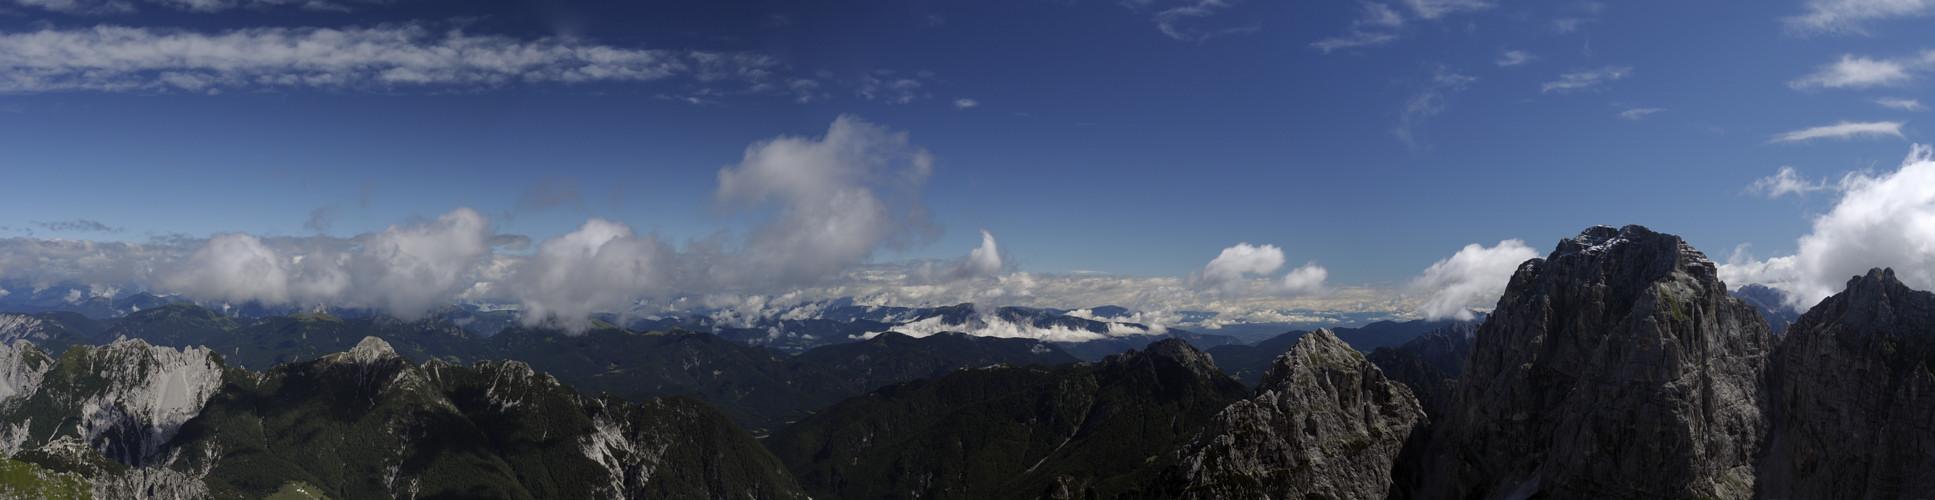 friuli val saisera alpi giulie   foto panoramica